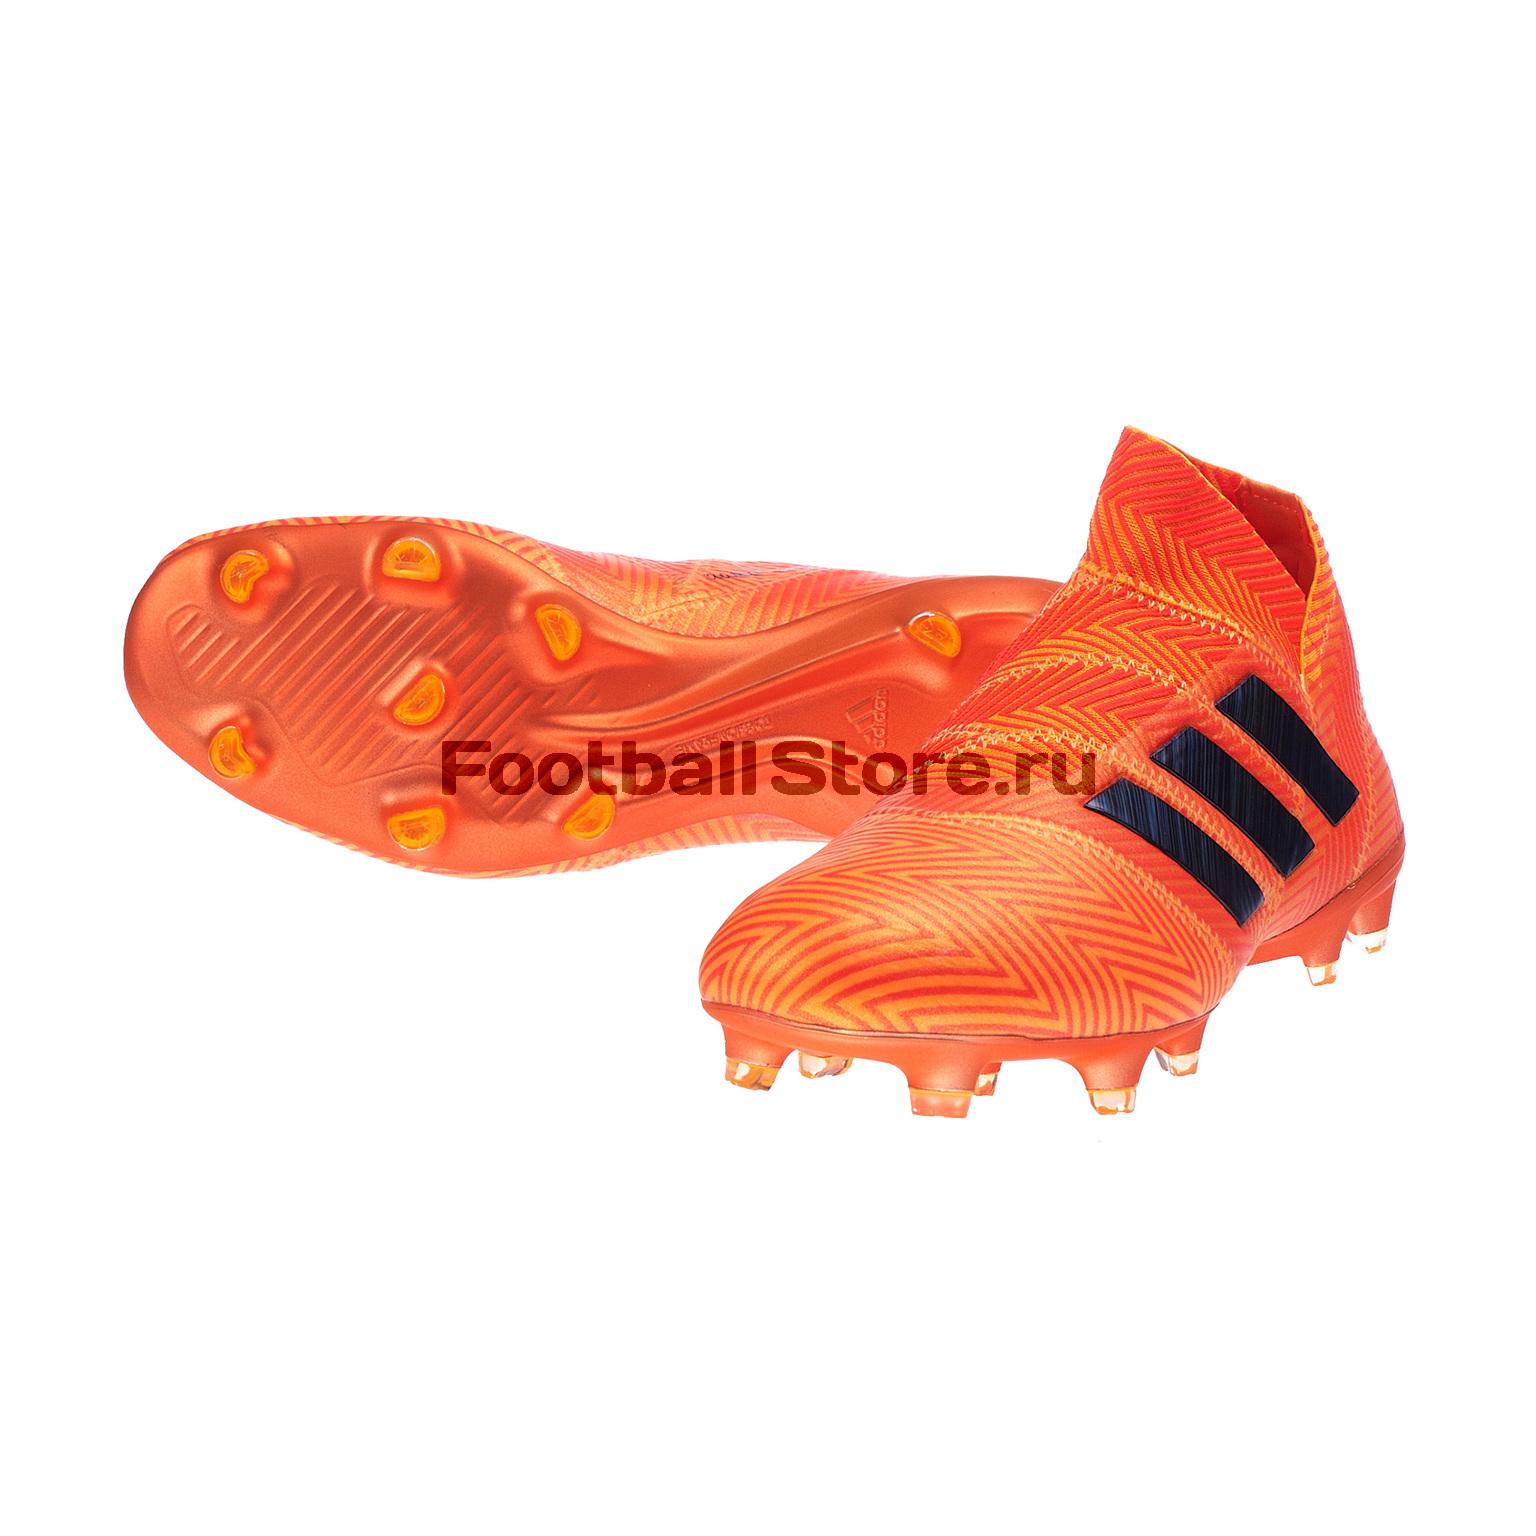 Бутсы Adidas Nemeziz 18+ FG DA9589 – купить бутсы в интернет ... d8b46b6f43b